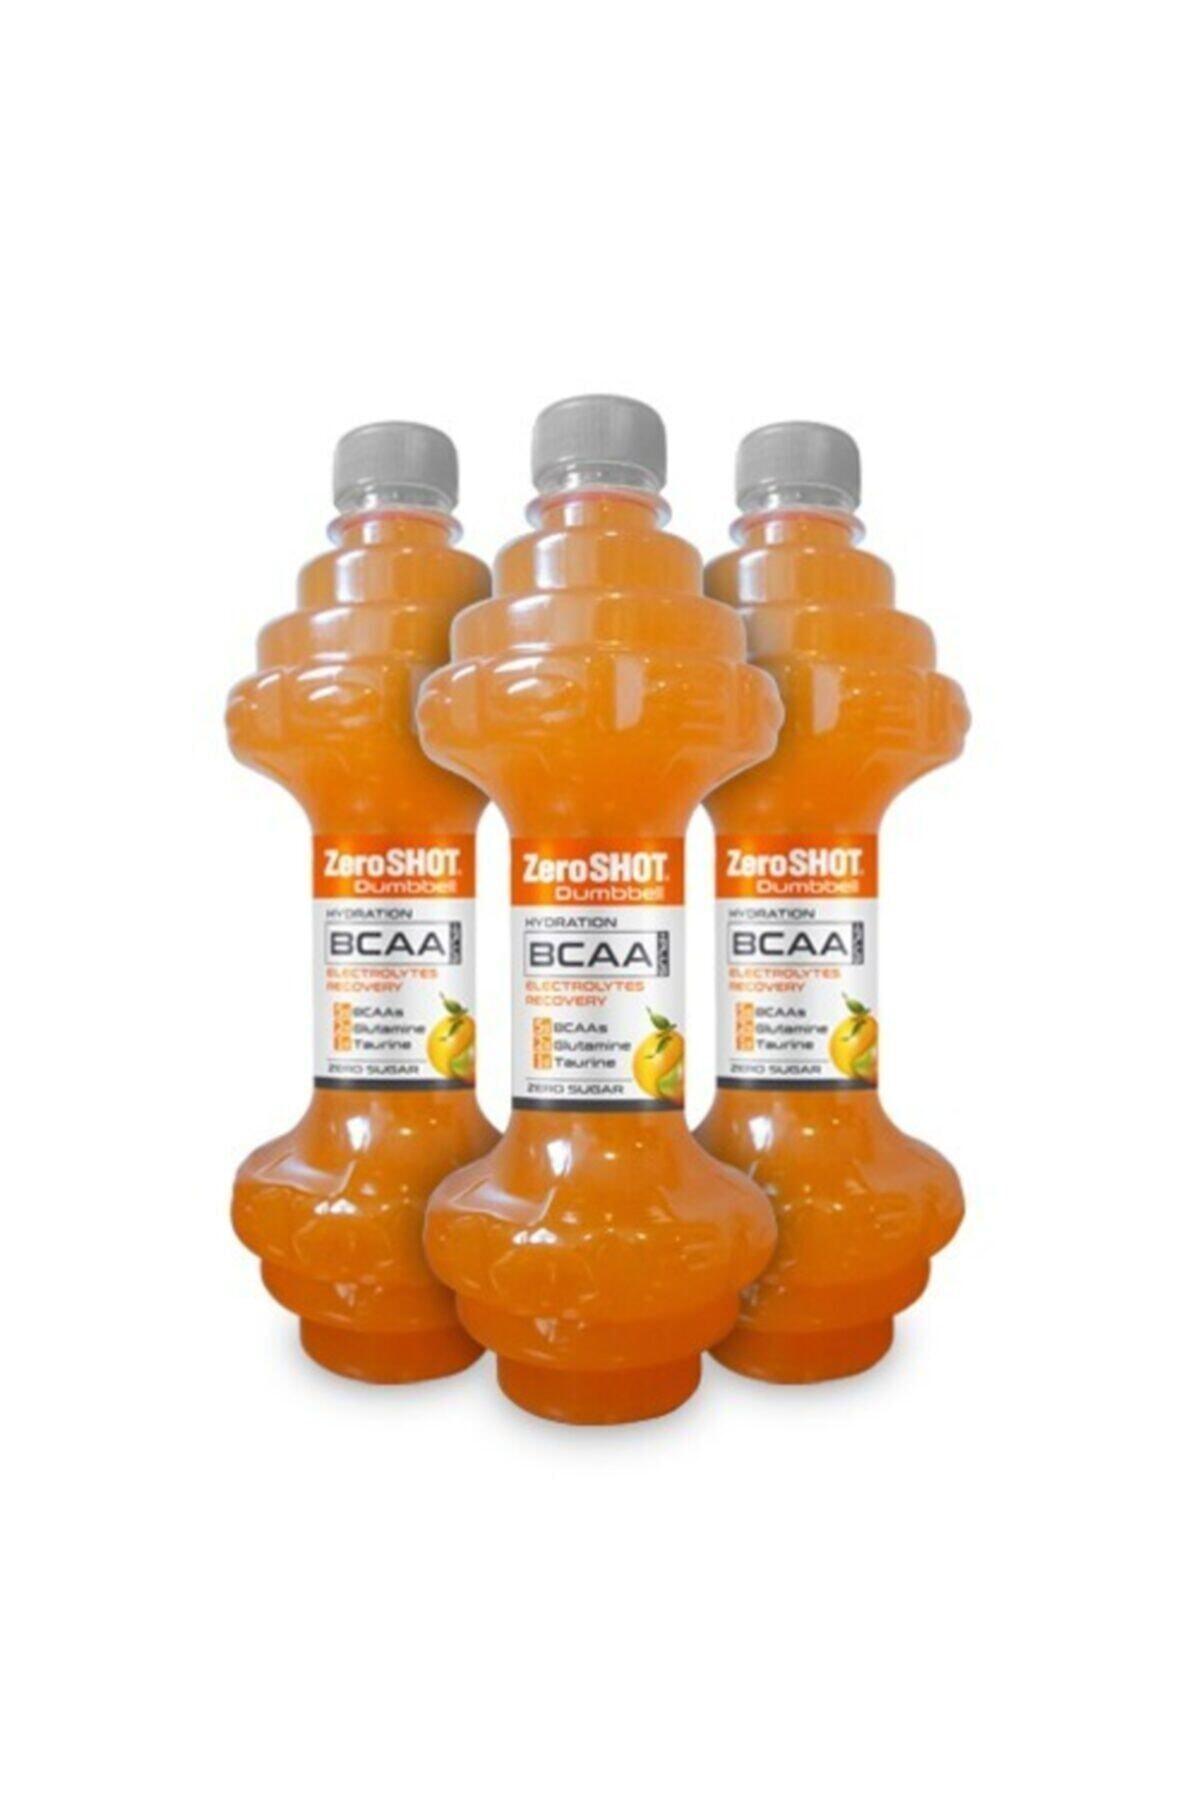 Zero Shot Dumbbell Bcaa Glutamin Taurin Hazır İçeçek Portakal Mango Aromalı 474ml 1